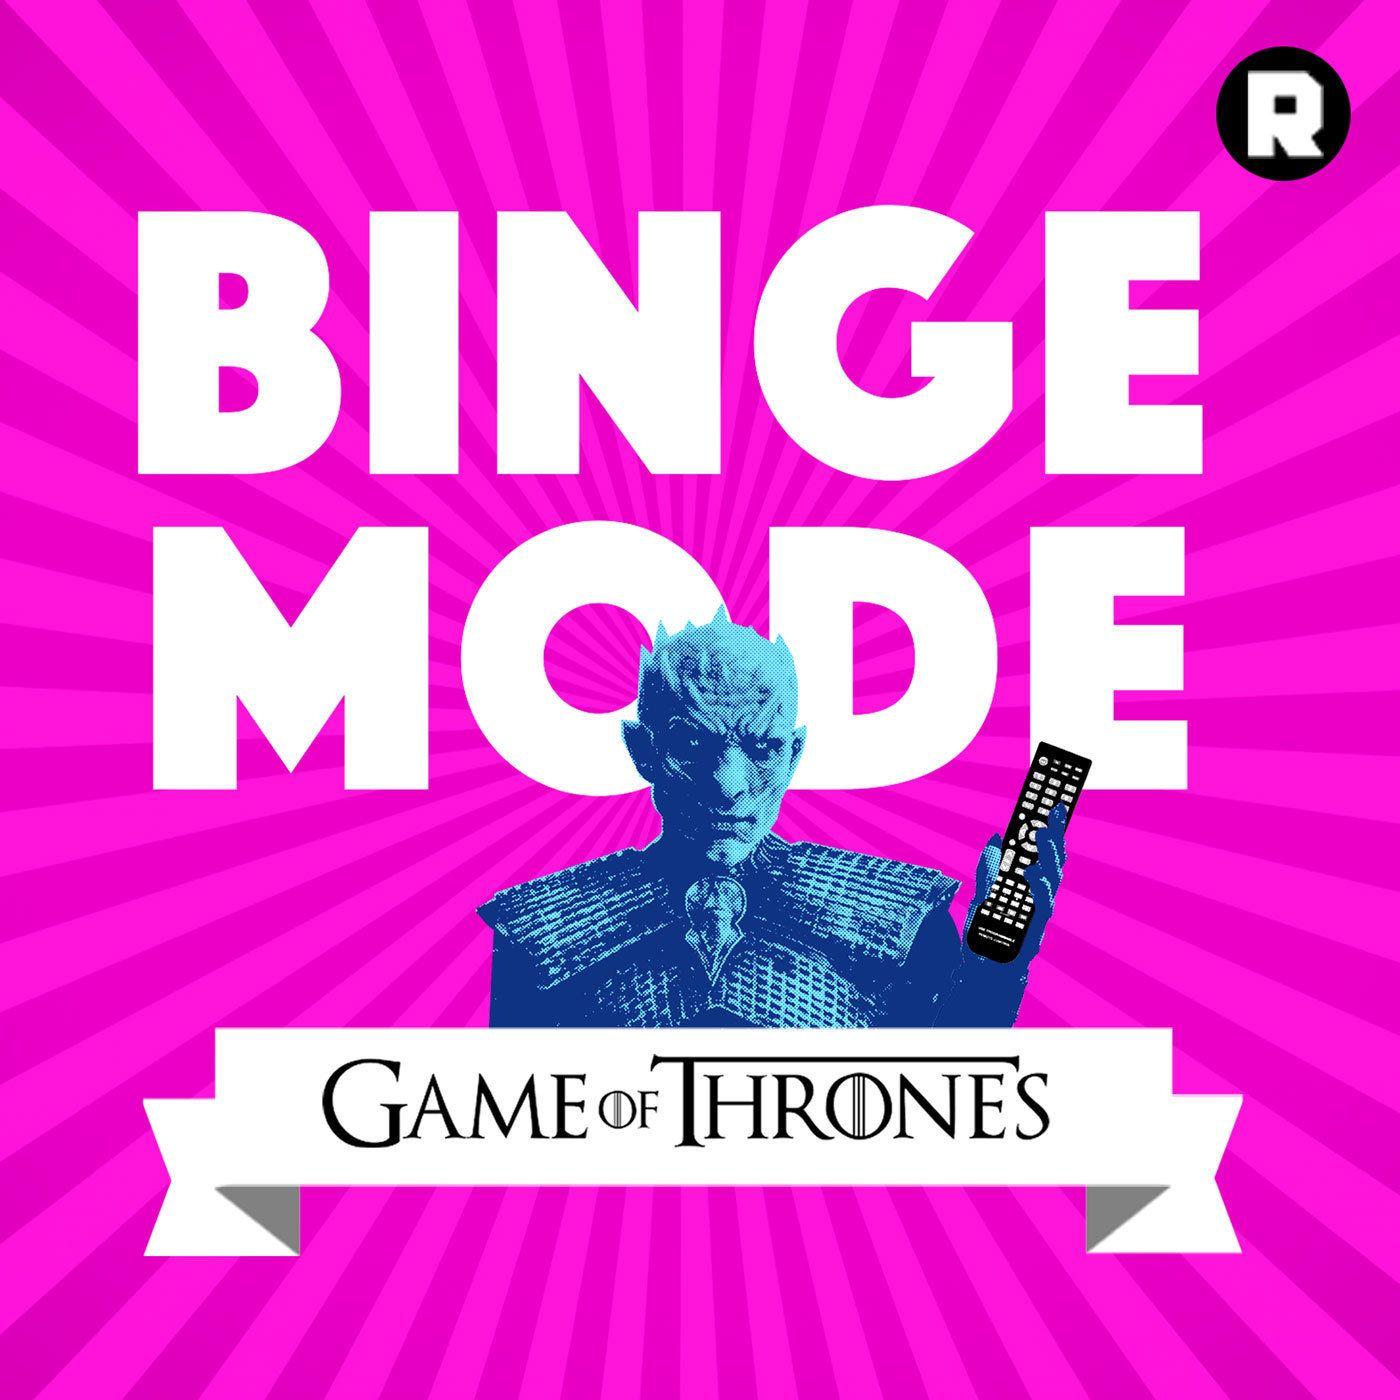 S2E4: Garden of Bones | Game of Thrones